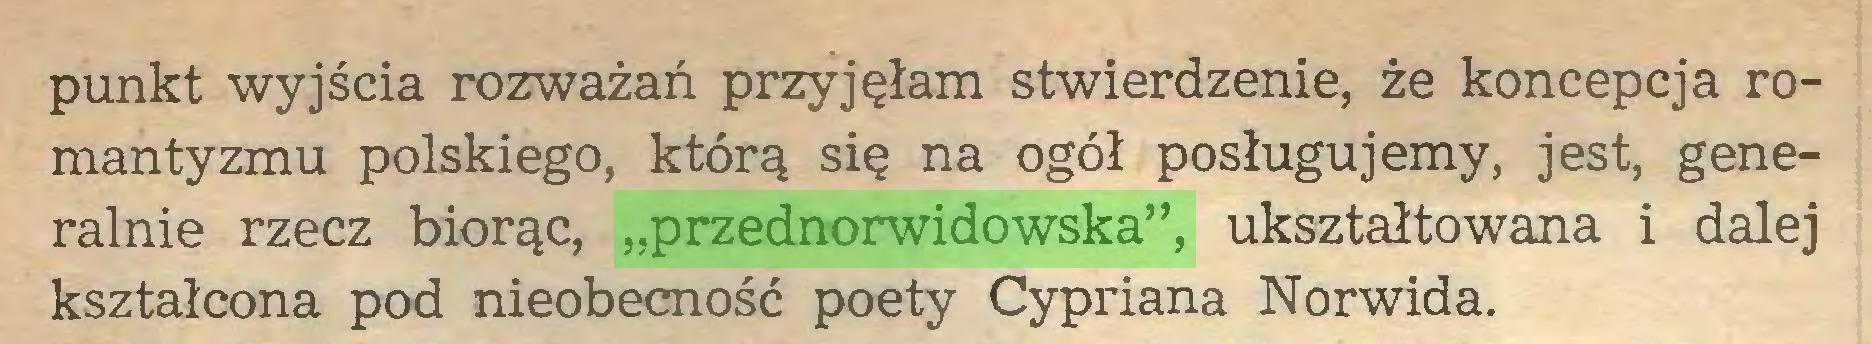 """(...) punkt wyjścia rozważań przyjęłam stwierdzenie, że koncepcja romantyzmu polskiego, którą się na ogół posługujemy, jest, generalnie rzecz biorąc, """"przednorwidowska"""", ukształtowana i dalej kształcona pod nieobecność poety Cypriana Norwida..."""